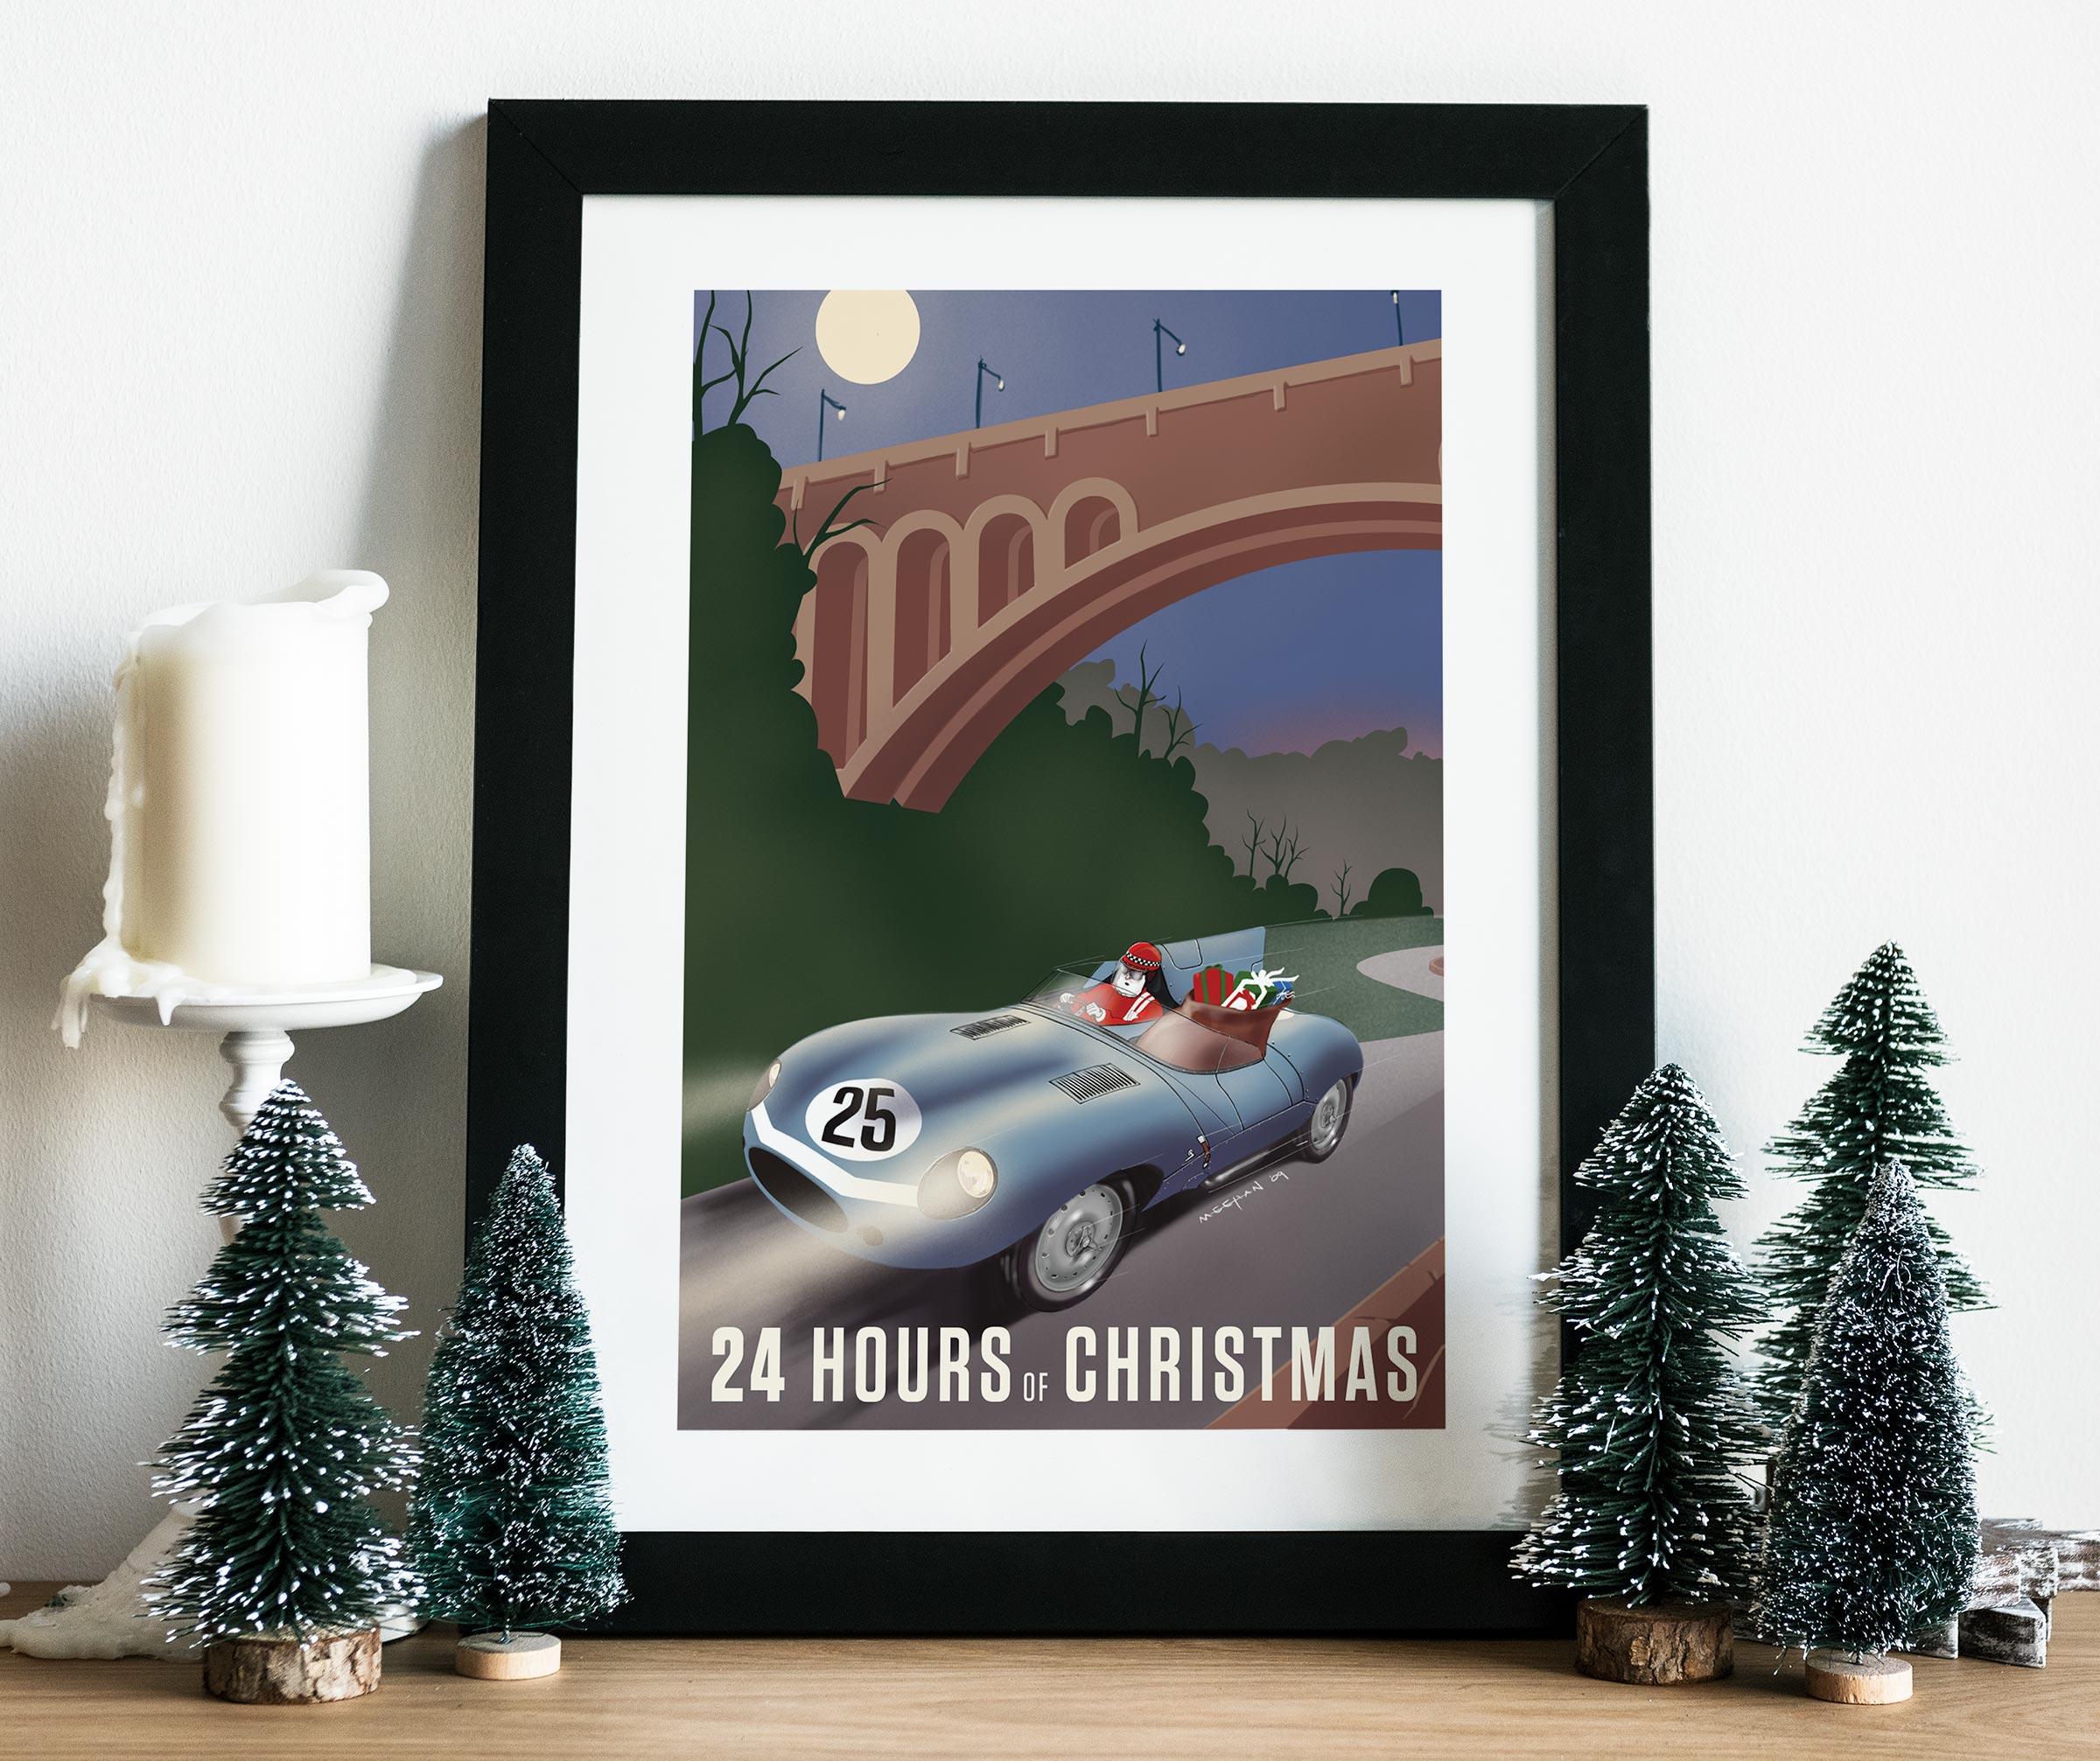 2009 Christmas Poster mockup